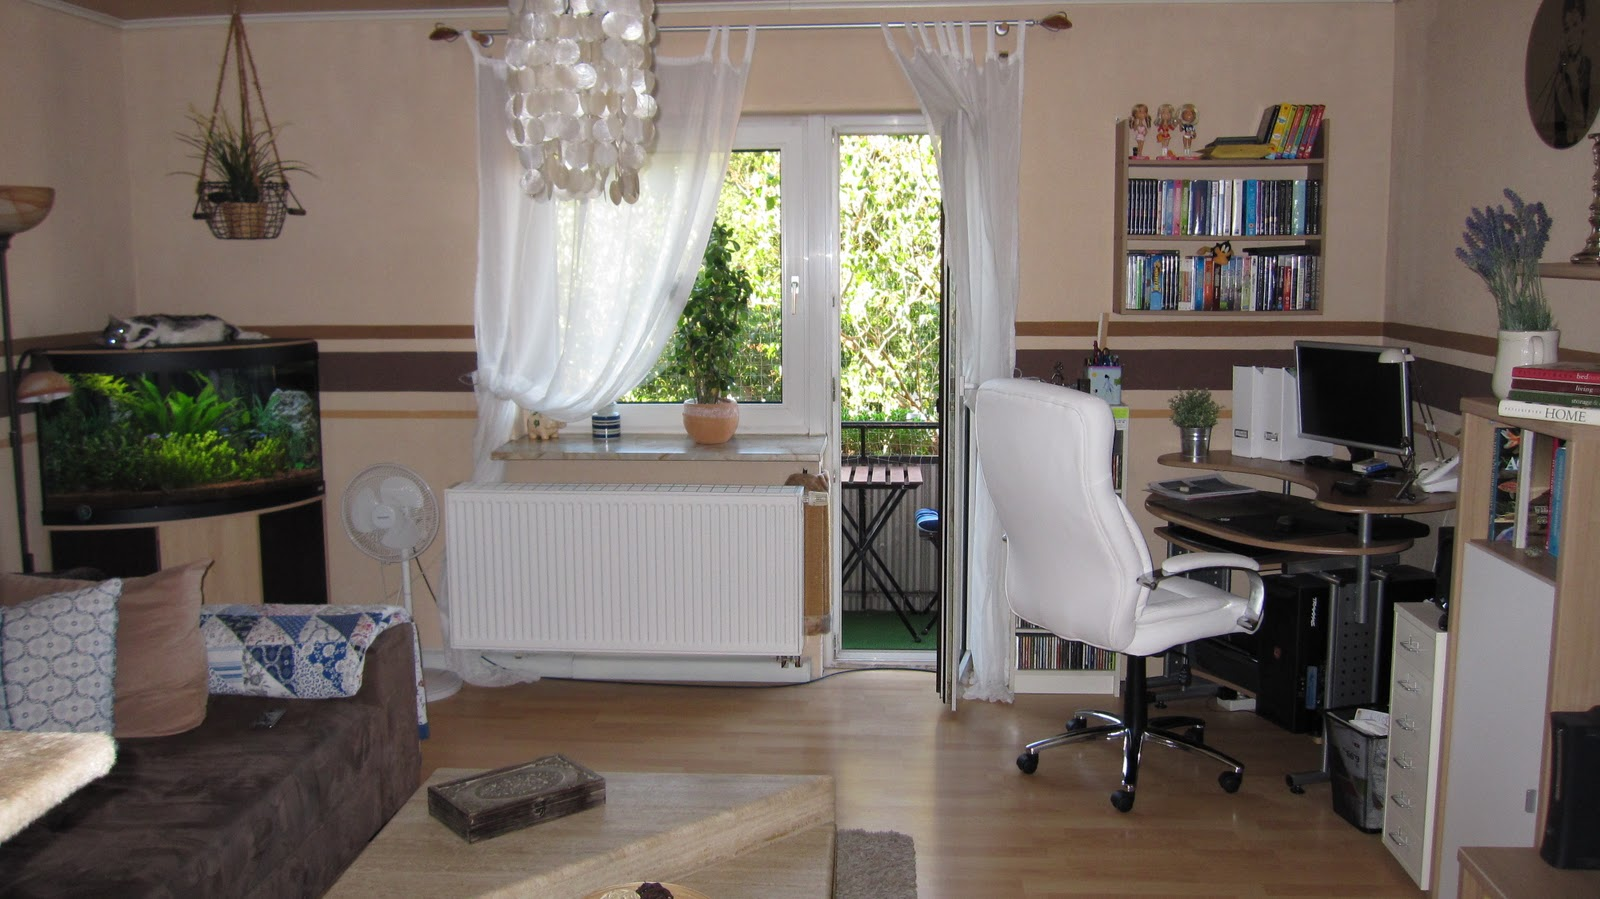 Kleines 13 qm wohnzimmer einrichten ~ Ihr Traumhaus Ideen